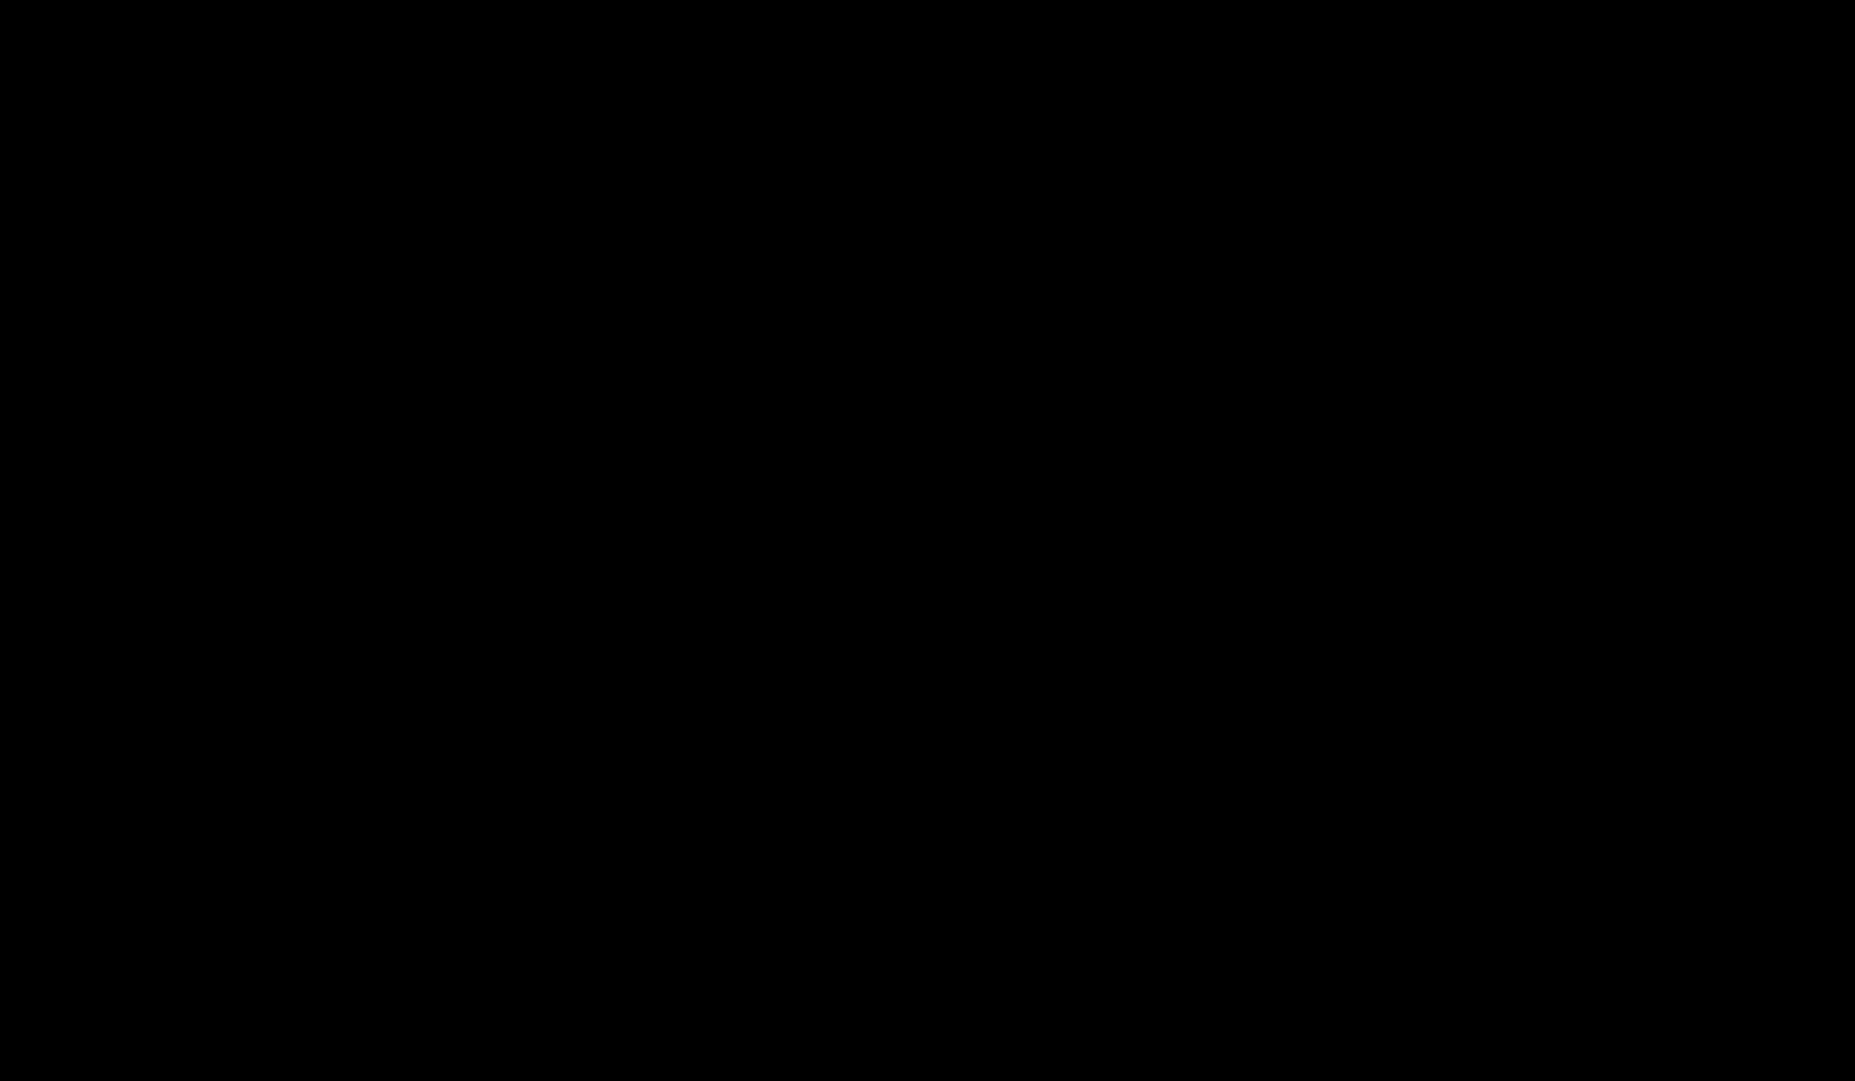 TFP-dPEG®₄-(m-dPEG®₁₁)₃-ester